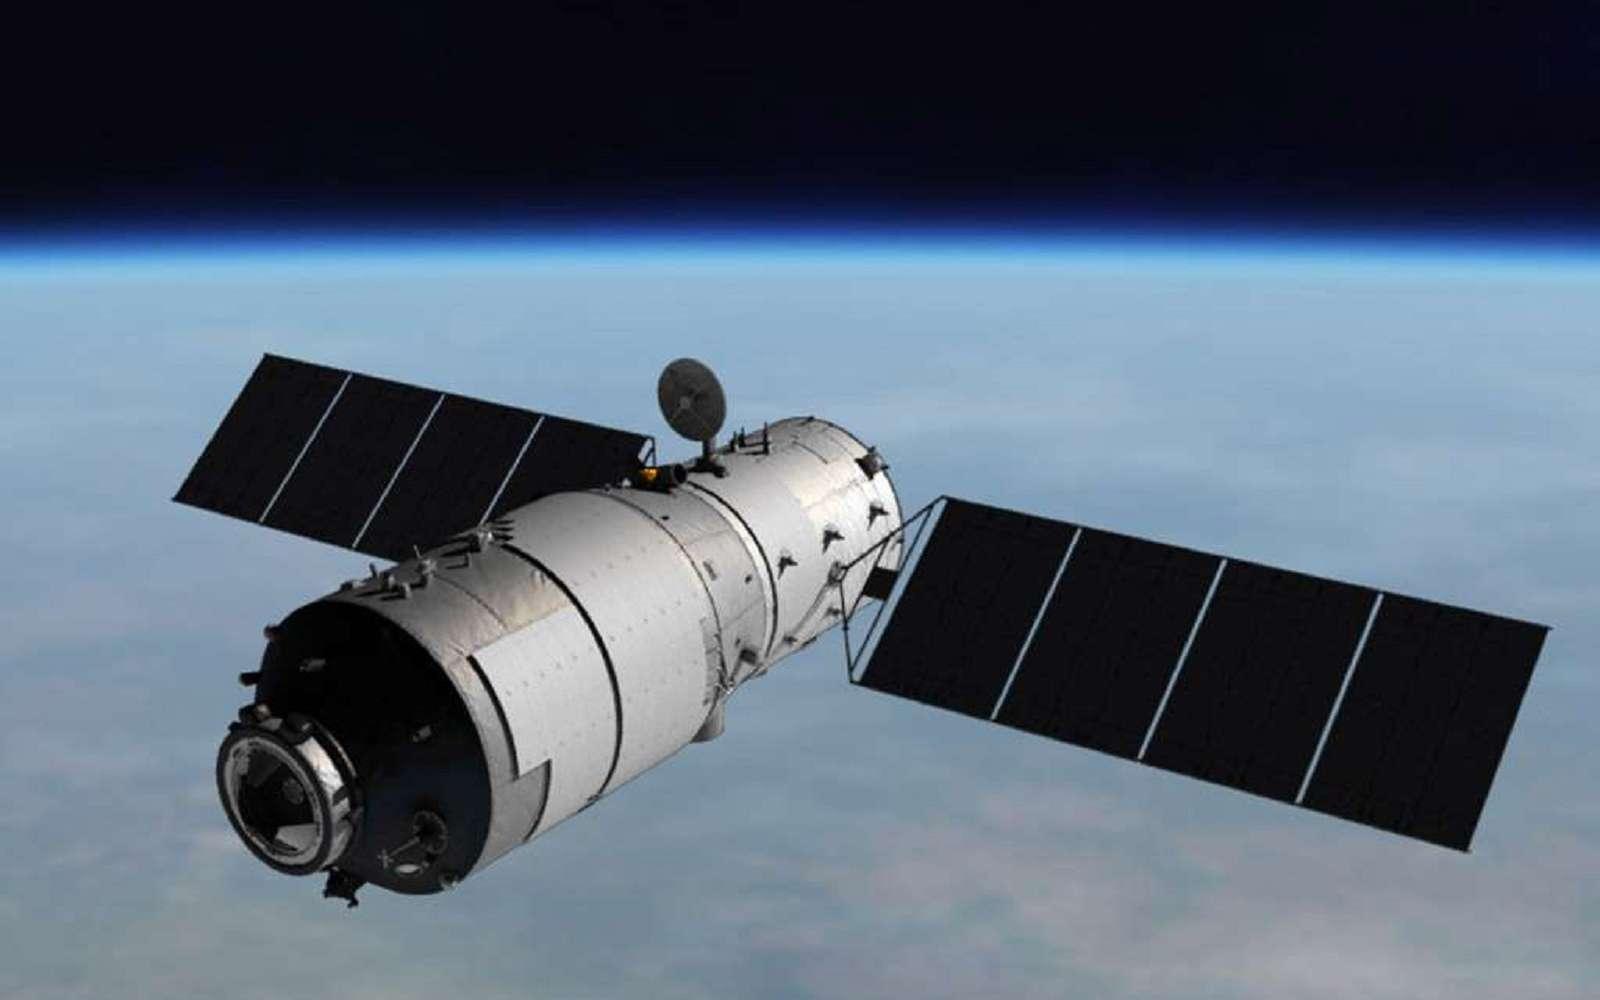 La station spatiale Tiangong-1 est la première station placée en orbite par la Chine. Sa mission consiste à préparer la voie pour de futures stations habitées, Tiangong-2 puis Tiangong-3. © CNSA